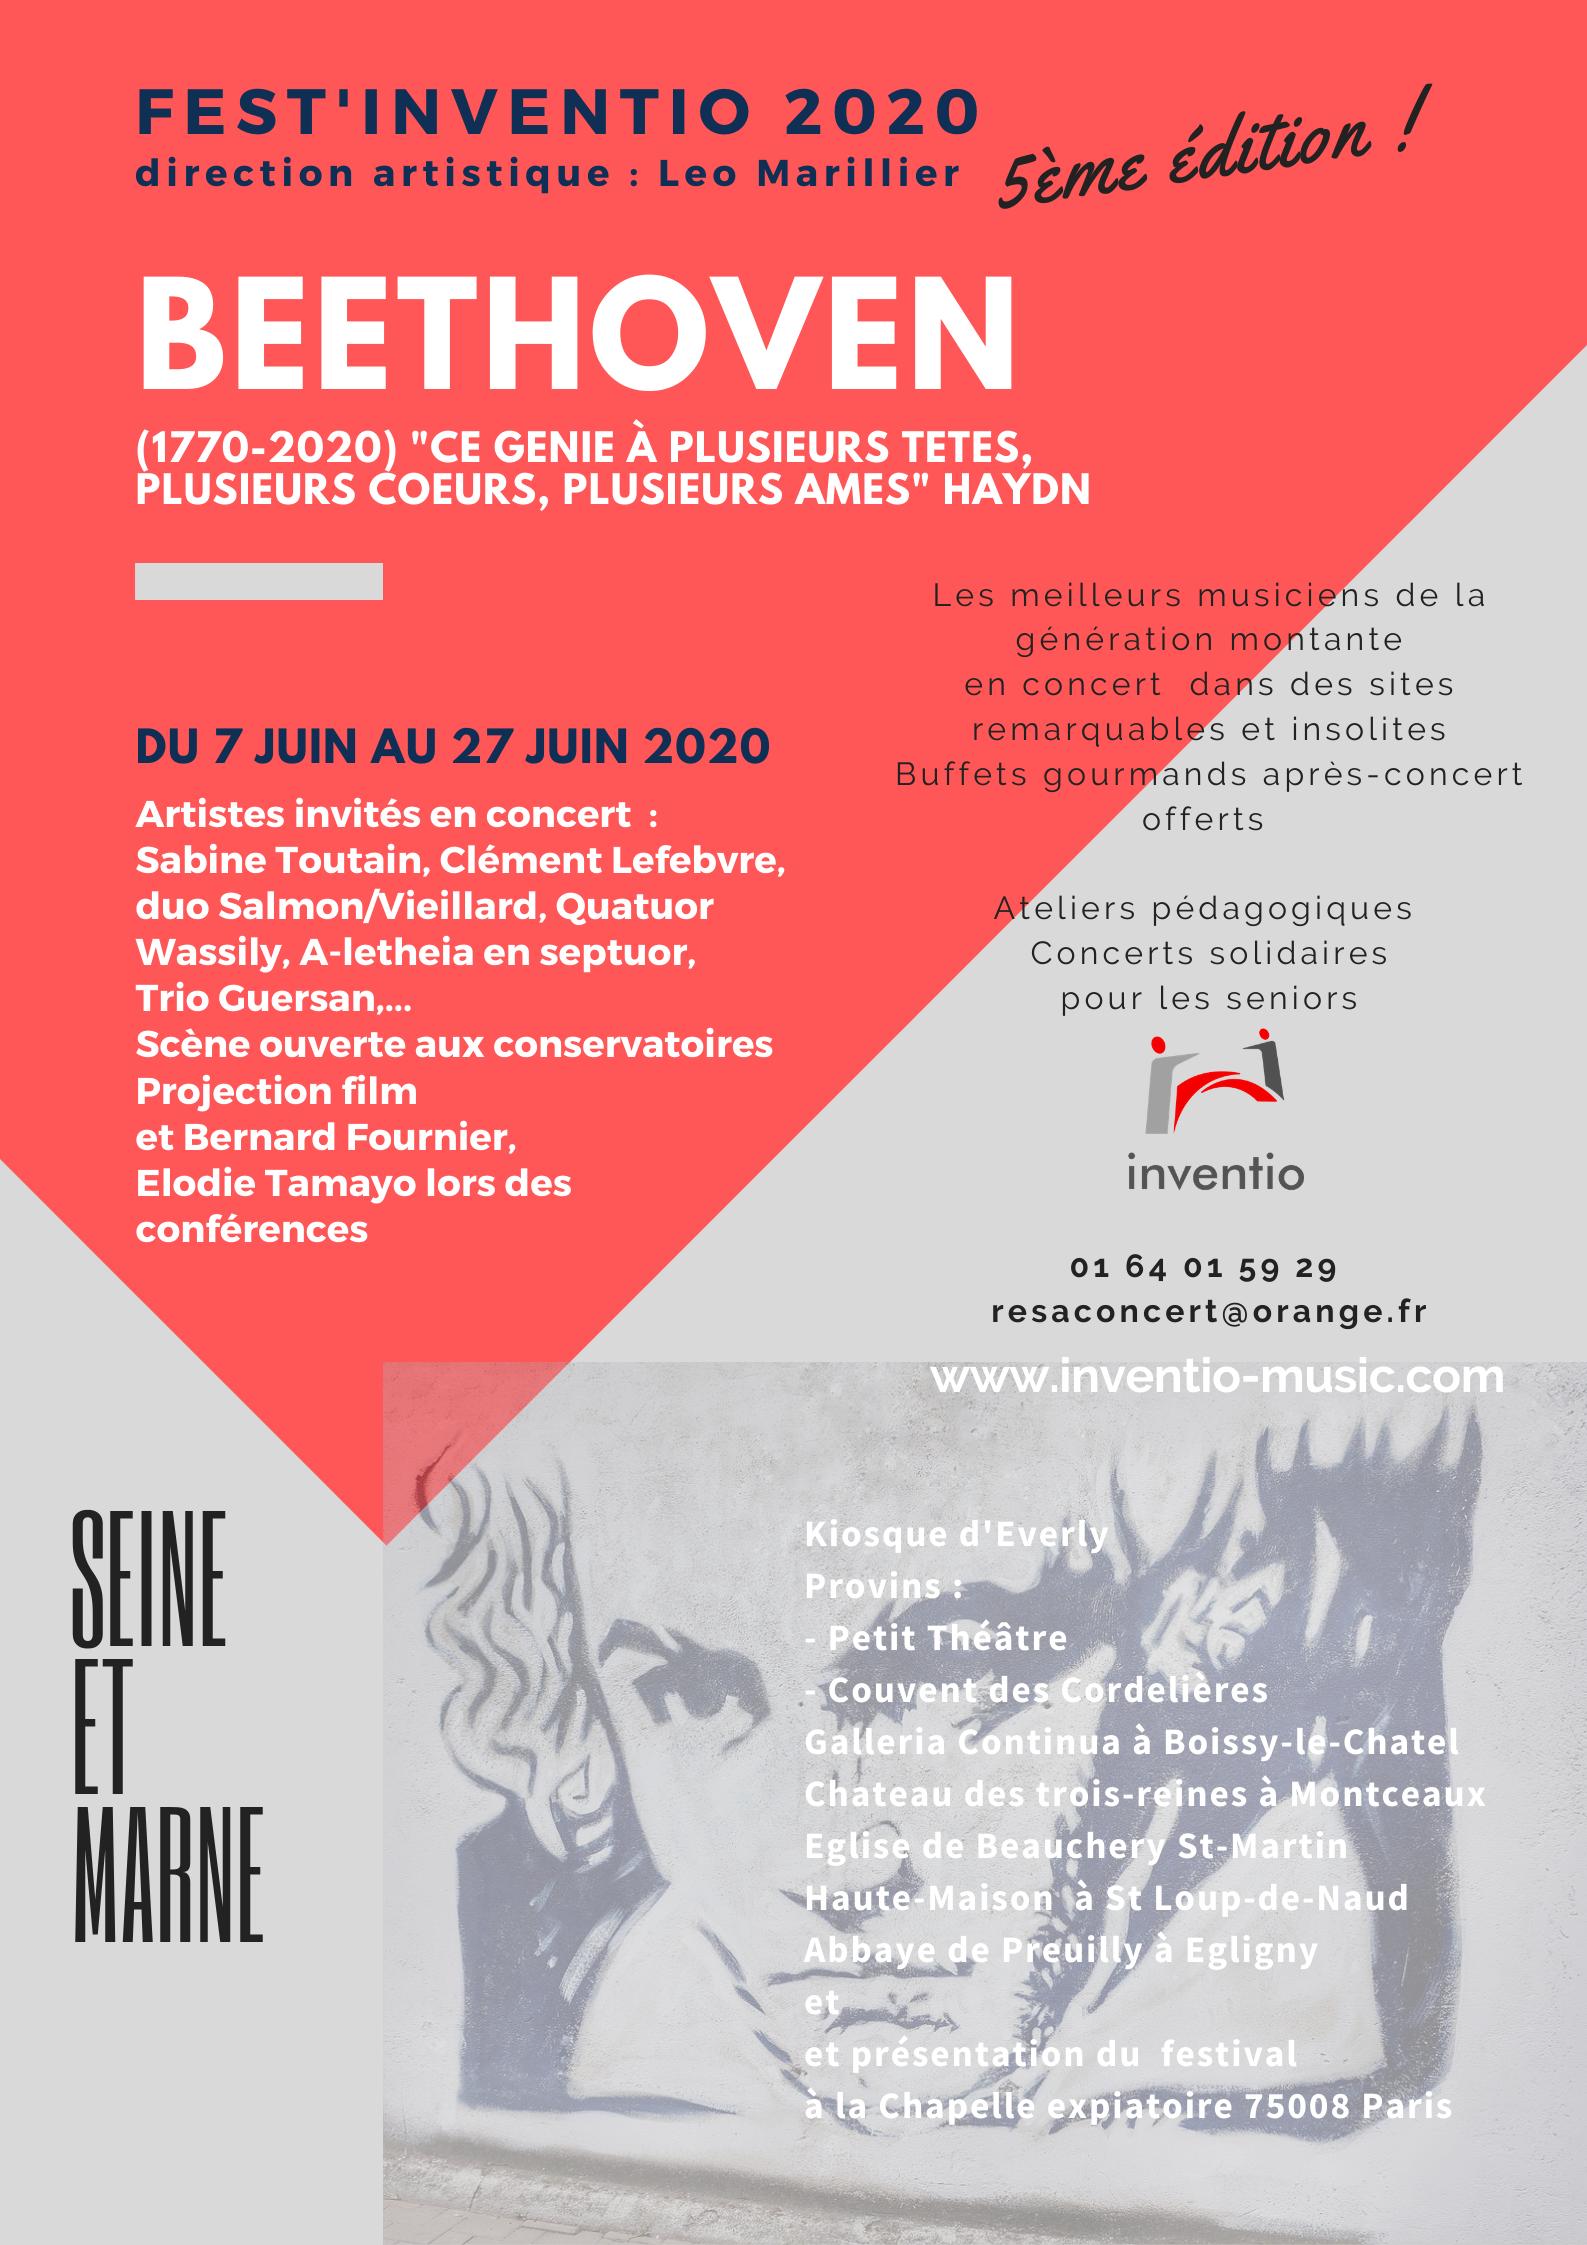 FEST'INVENTIO CINÉMA PROVINS @ Petit Théâtre Provins CCSSA